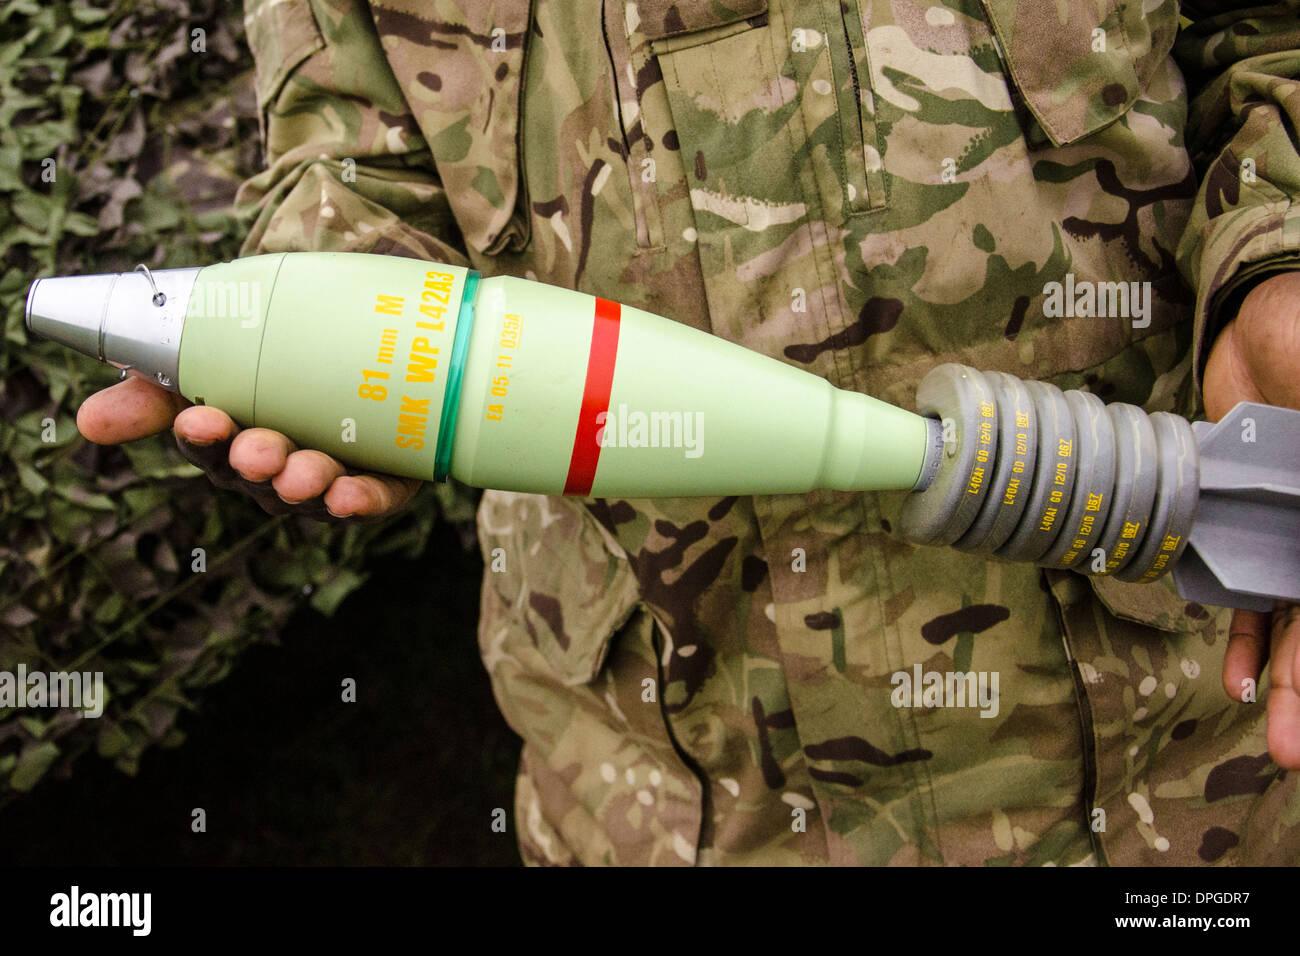 81mm rounds,wp,white,phosphorus, ammunition ammo munitions munitions